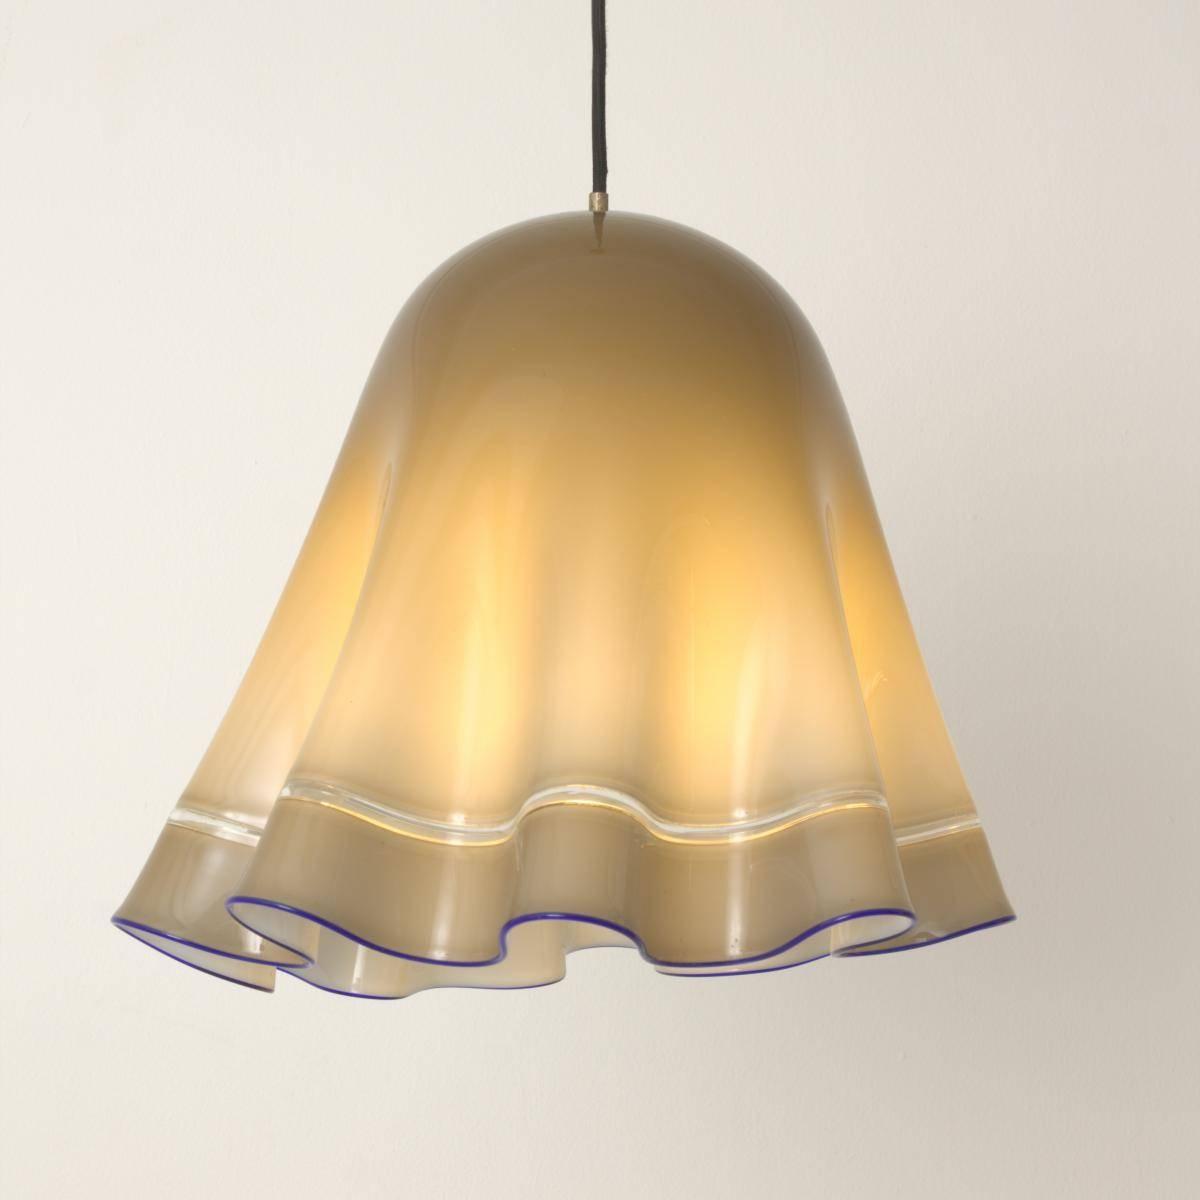 Elegant Murano Glass Pendant Light 93 For Sloped Ceiling Lighting regarding Murano Glass Pendant Lighting (Image 3 of 15)